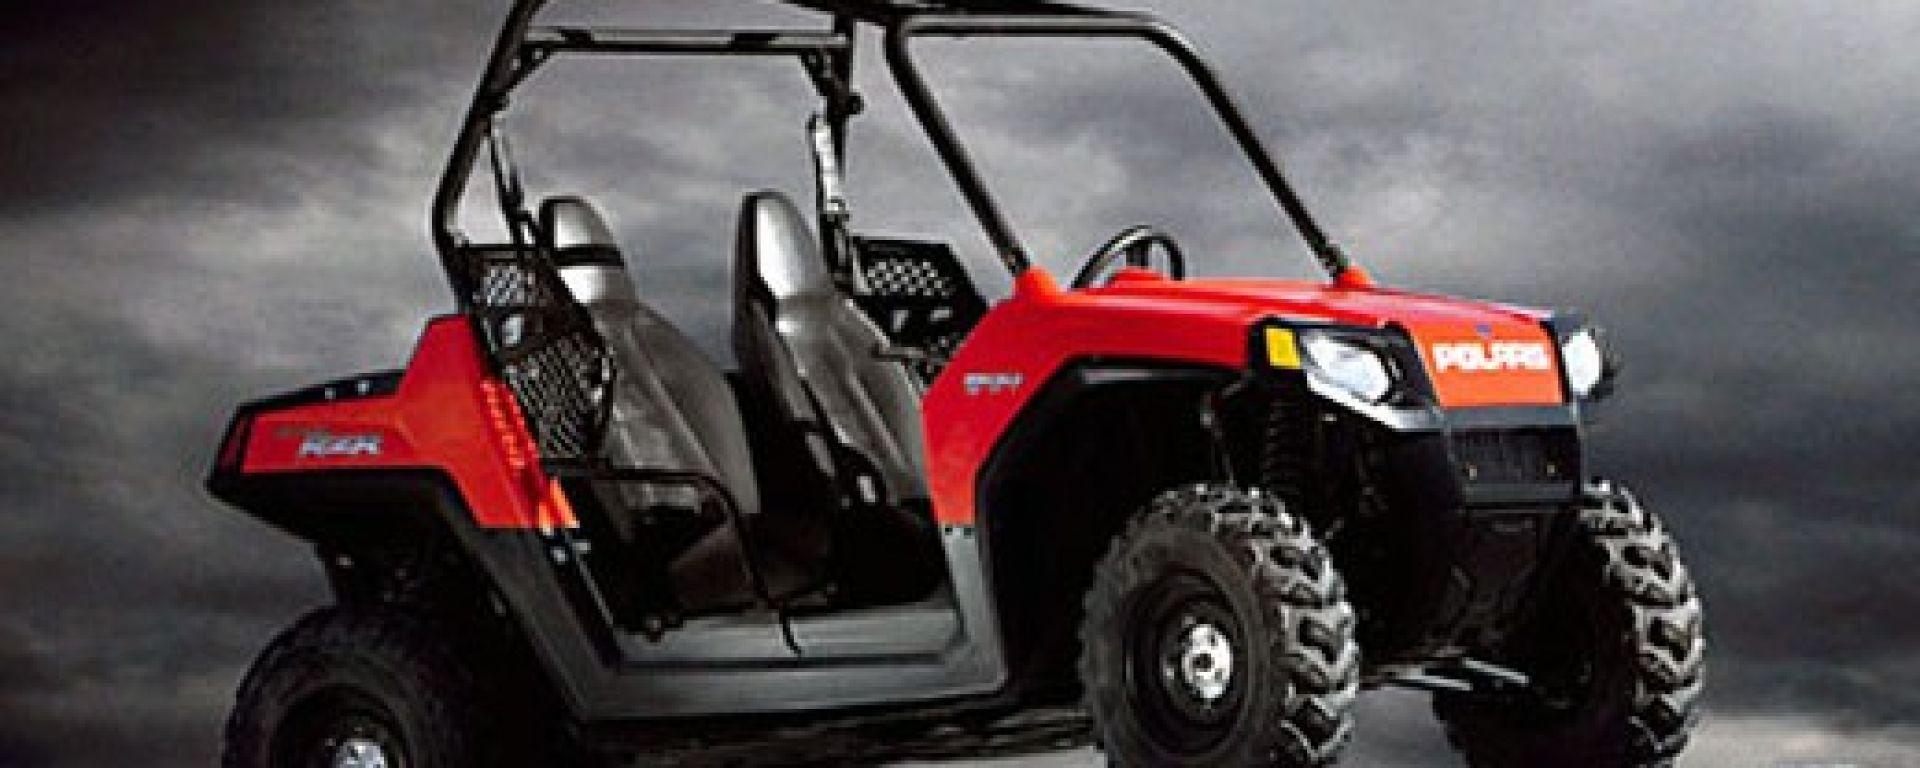 POLARIS RZR, il quad con volante e sedili